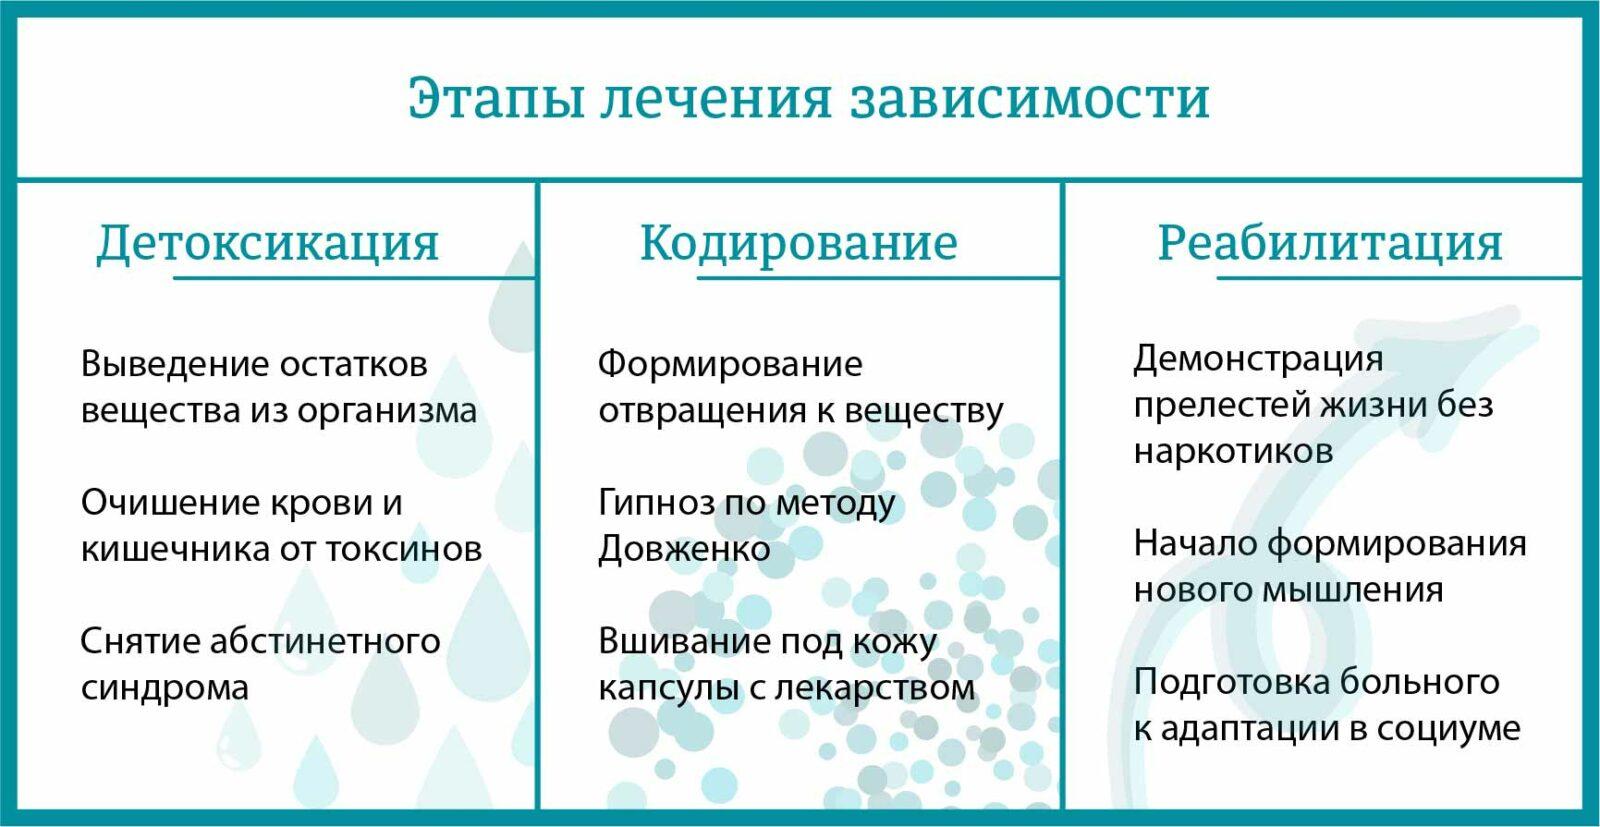 этапы лечения во Всеволожске